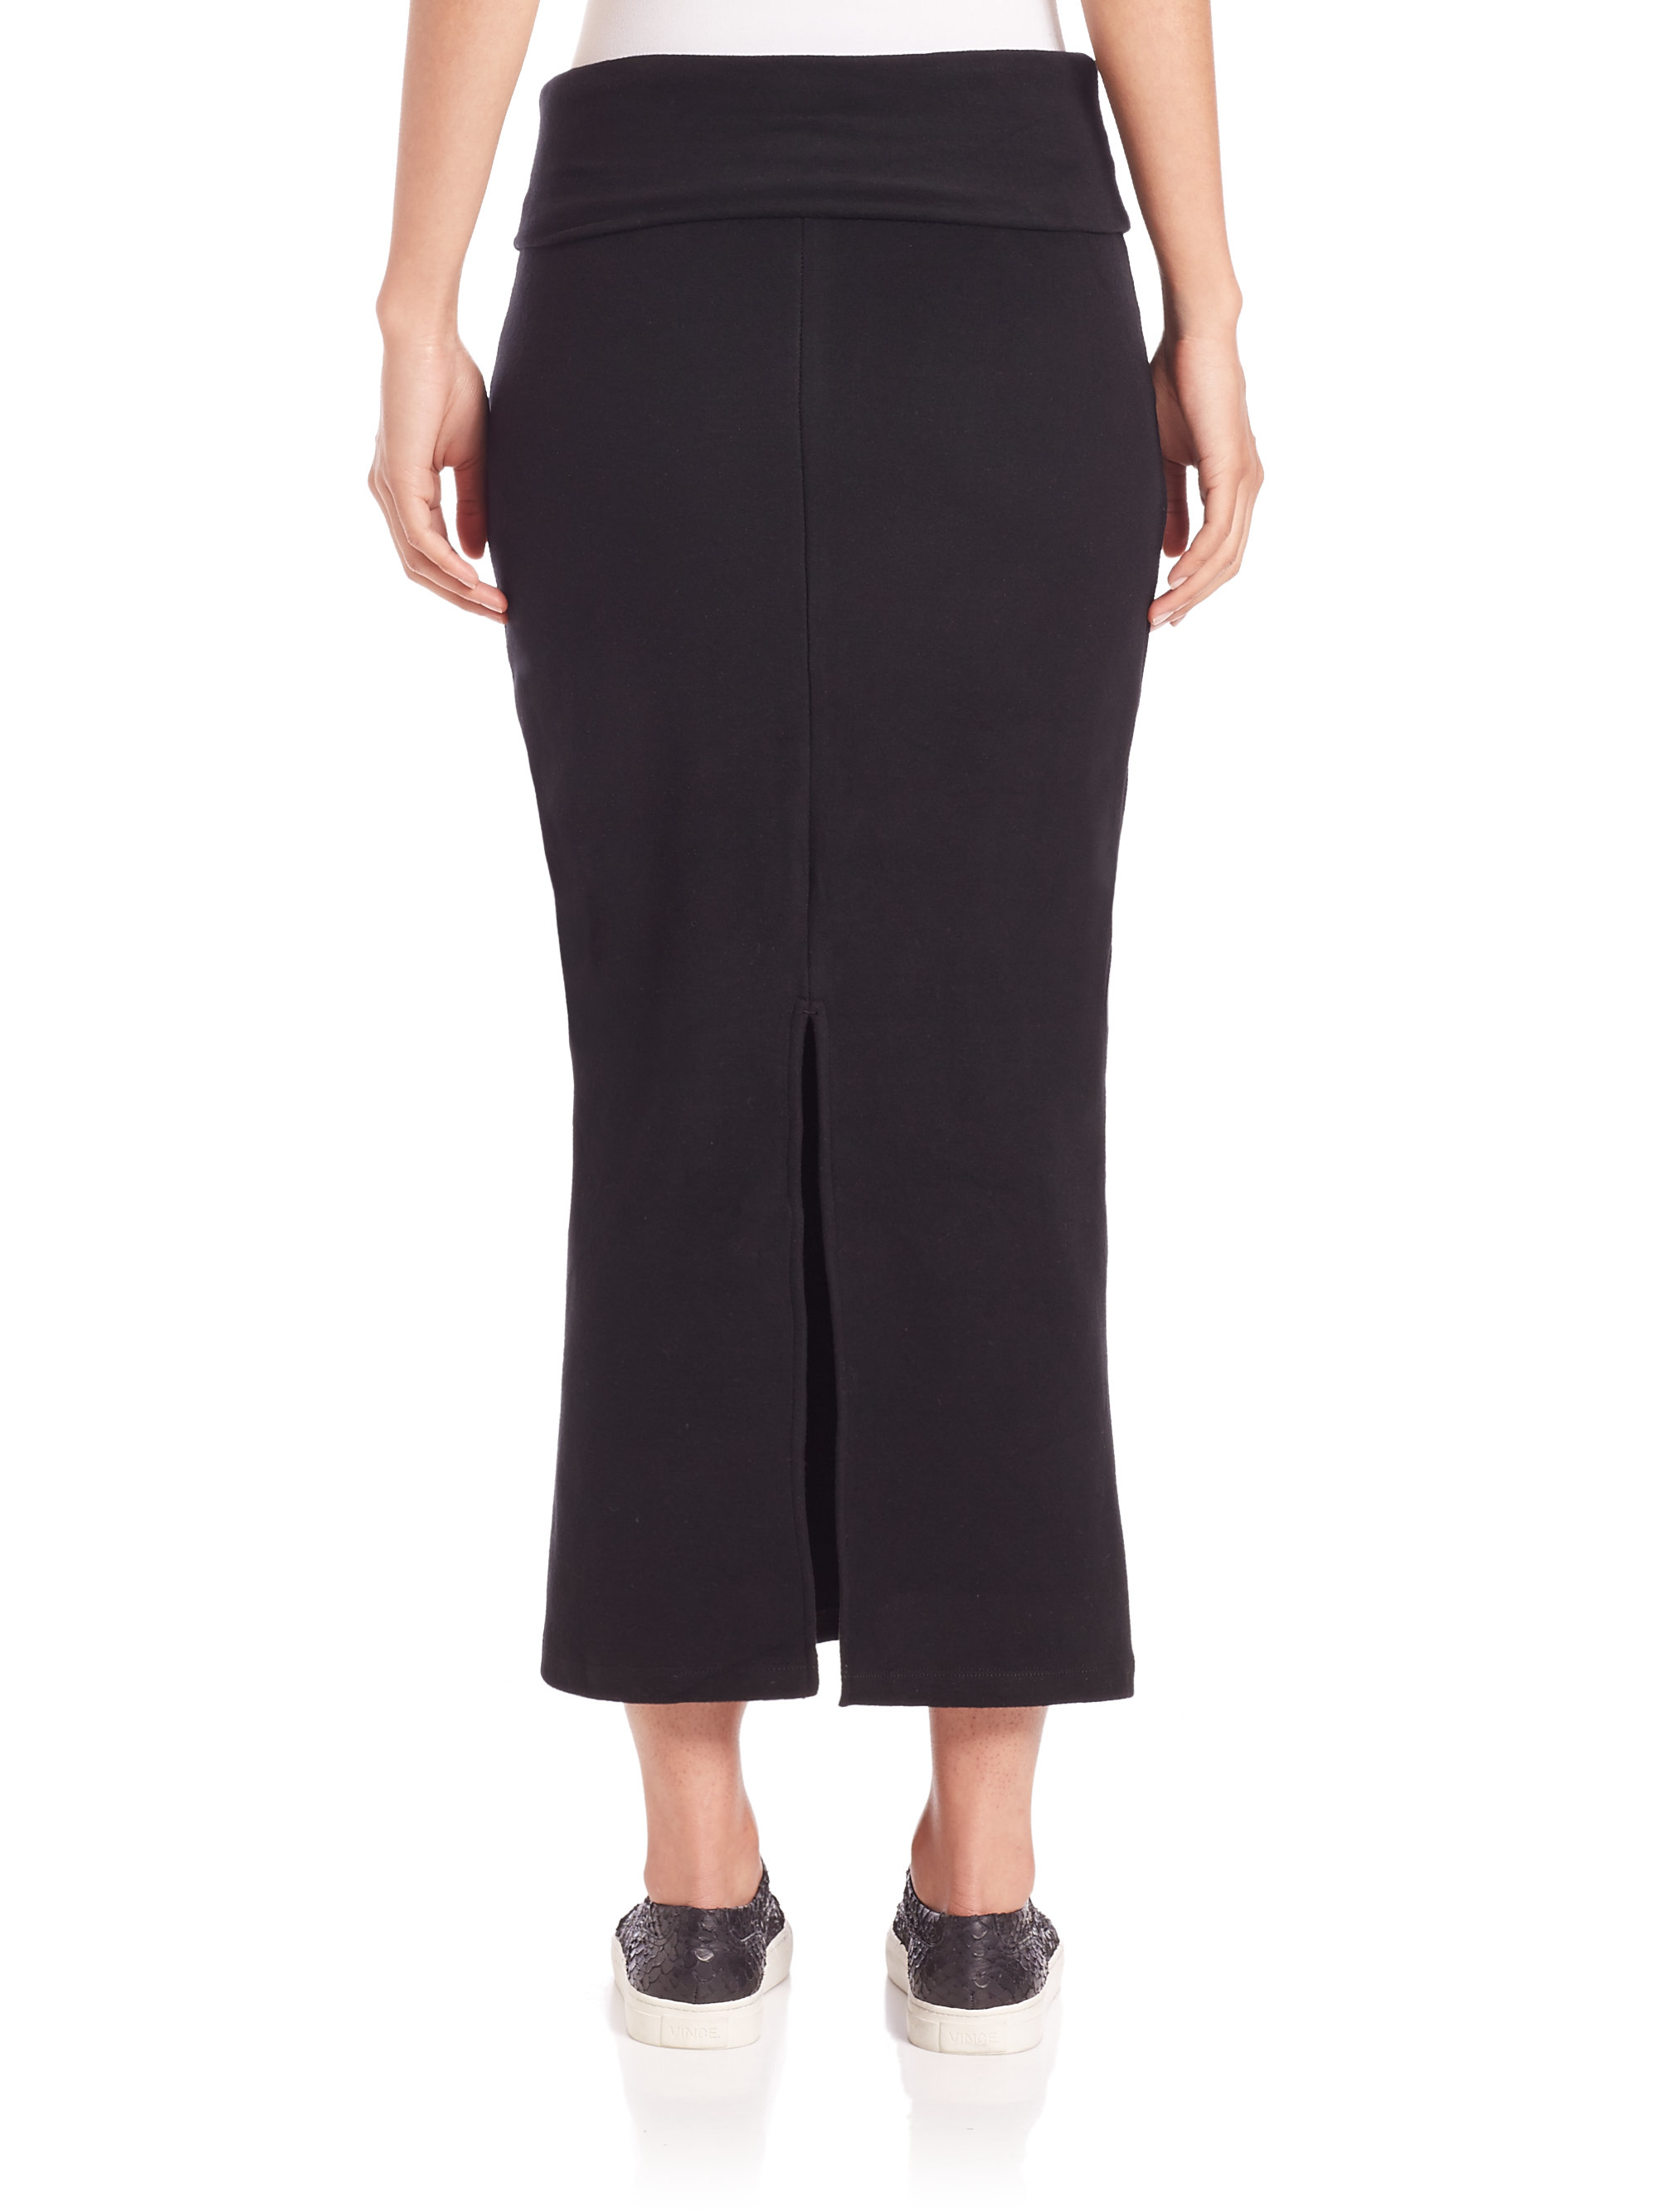 knit maxi pencil skirt in black lyst